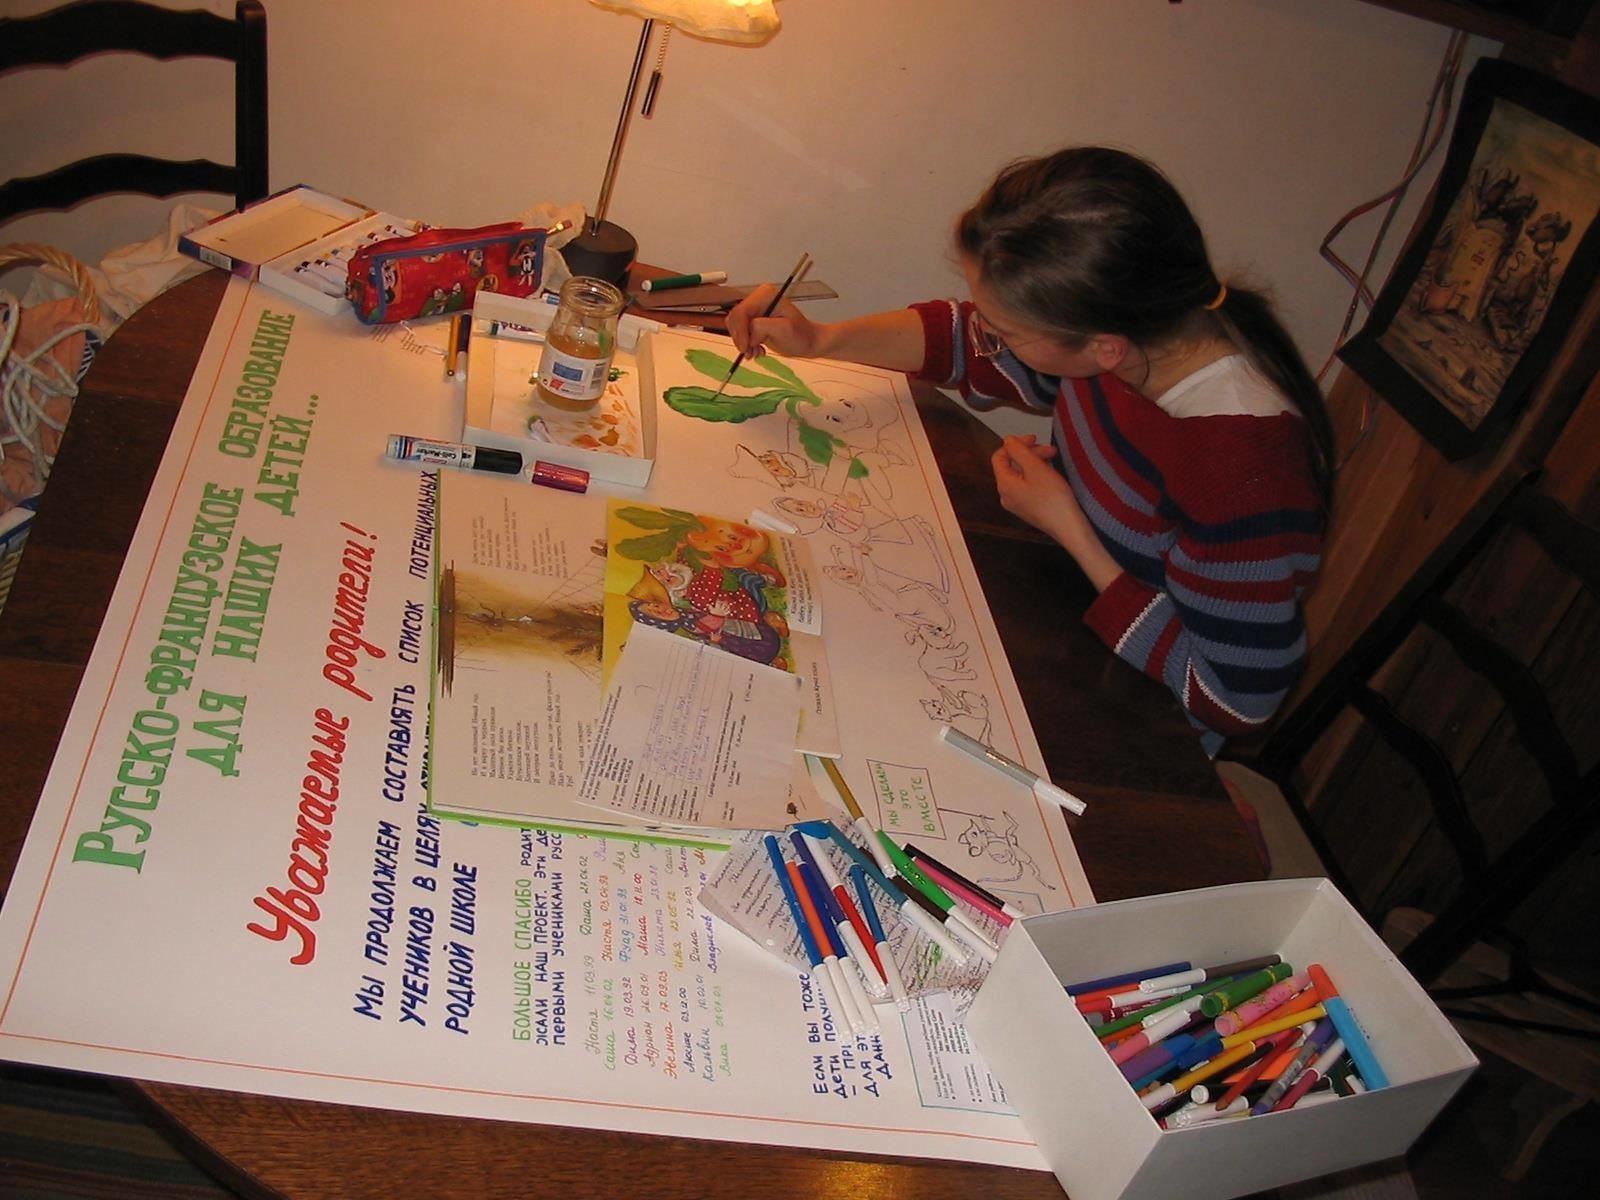 Marina Dupont de Dinechin en train de préparer un panneau d'affichage pour encourager les gens à participer à la création d'une section russophone dans une école